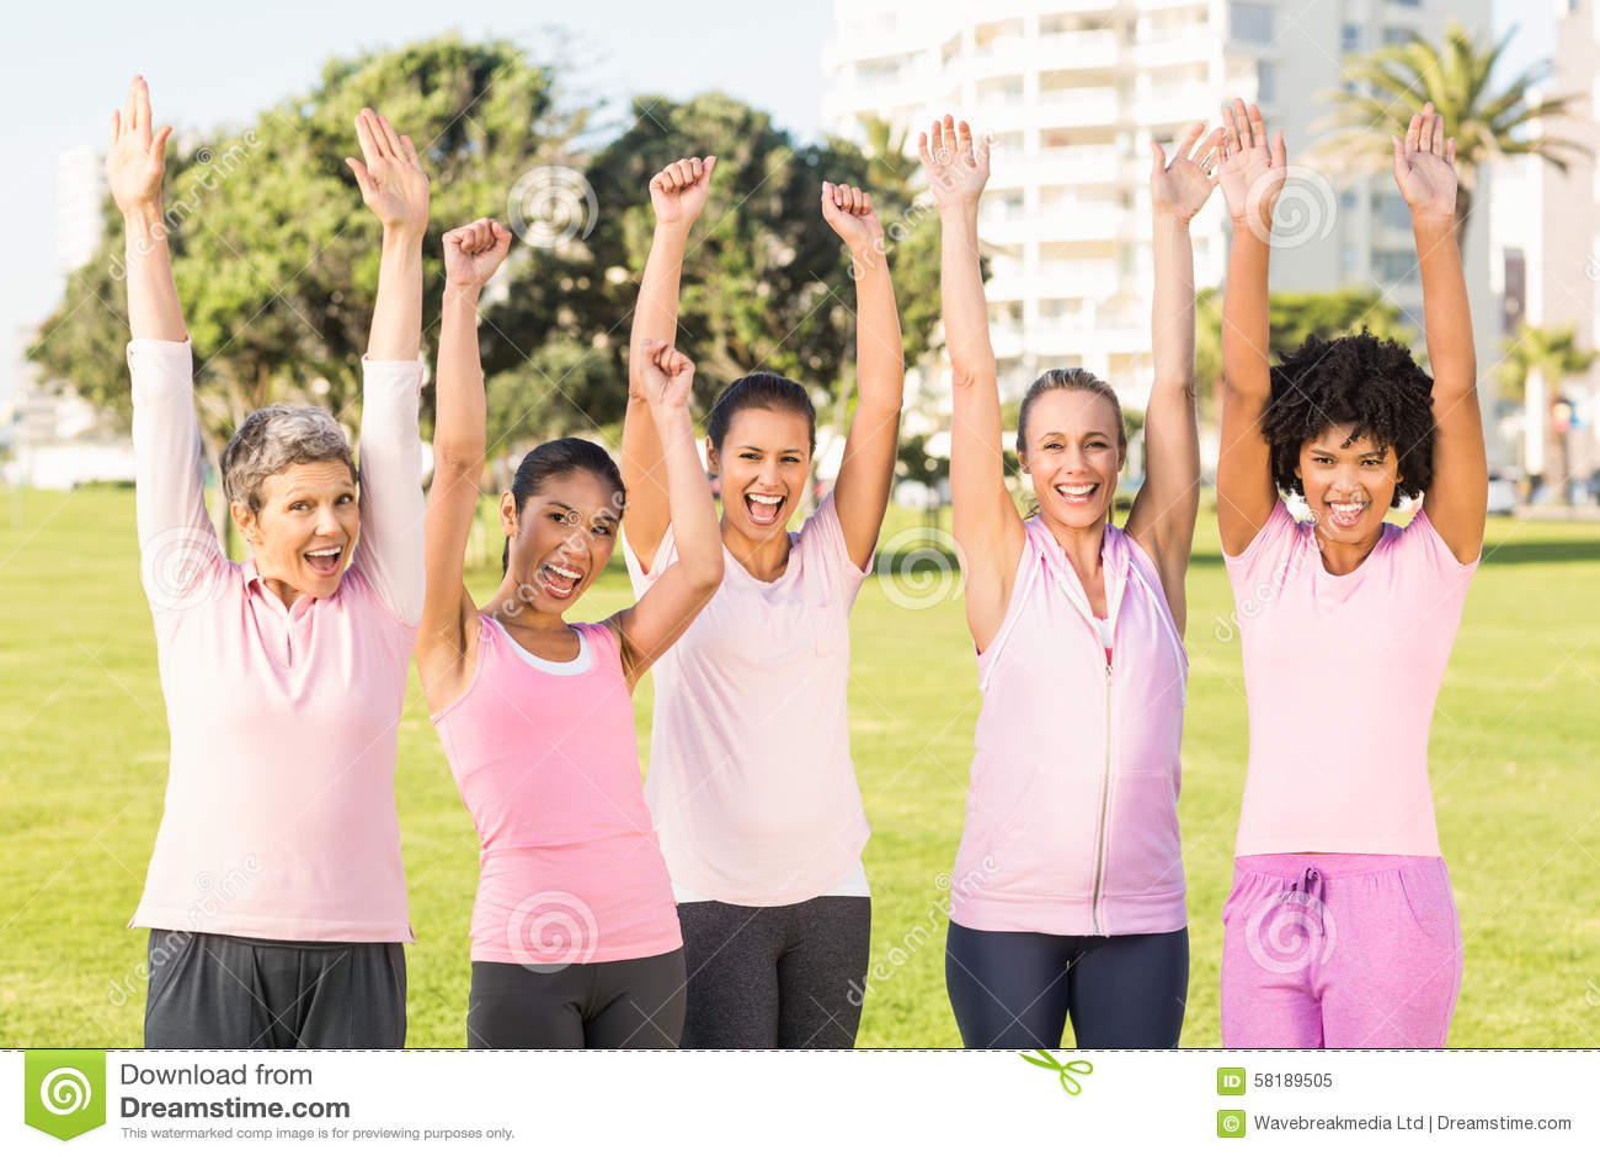 Χαμογελώντας γυναίκες που φορούν το ροζ για το καρκίνο του μαστού και ενθαρρυντικός